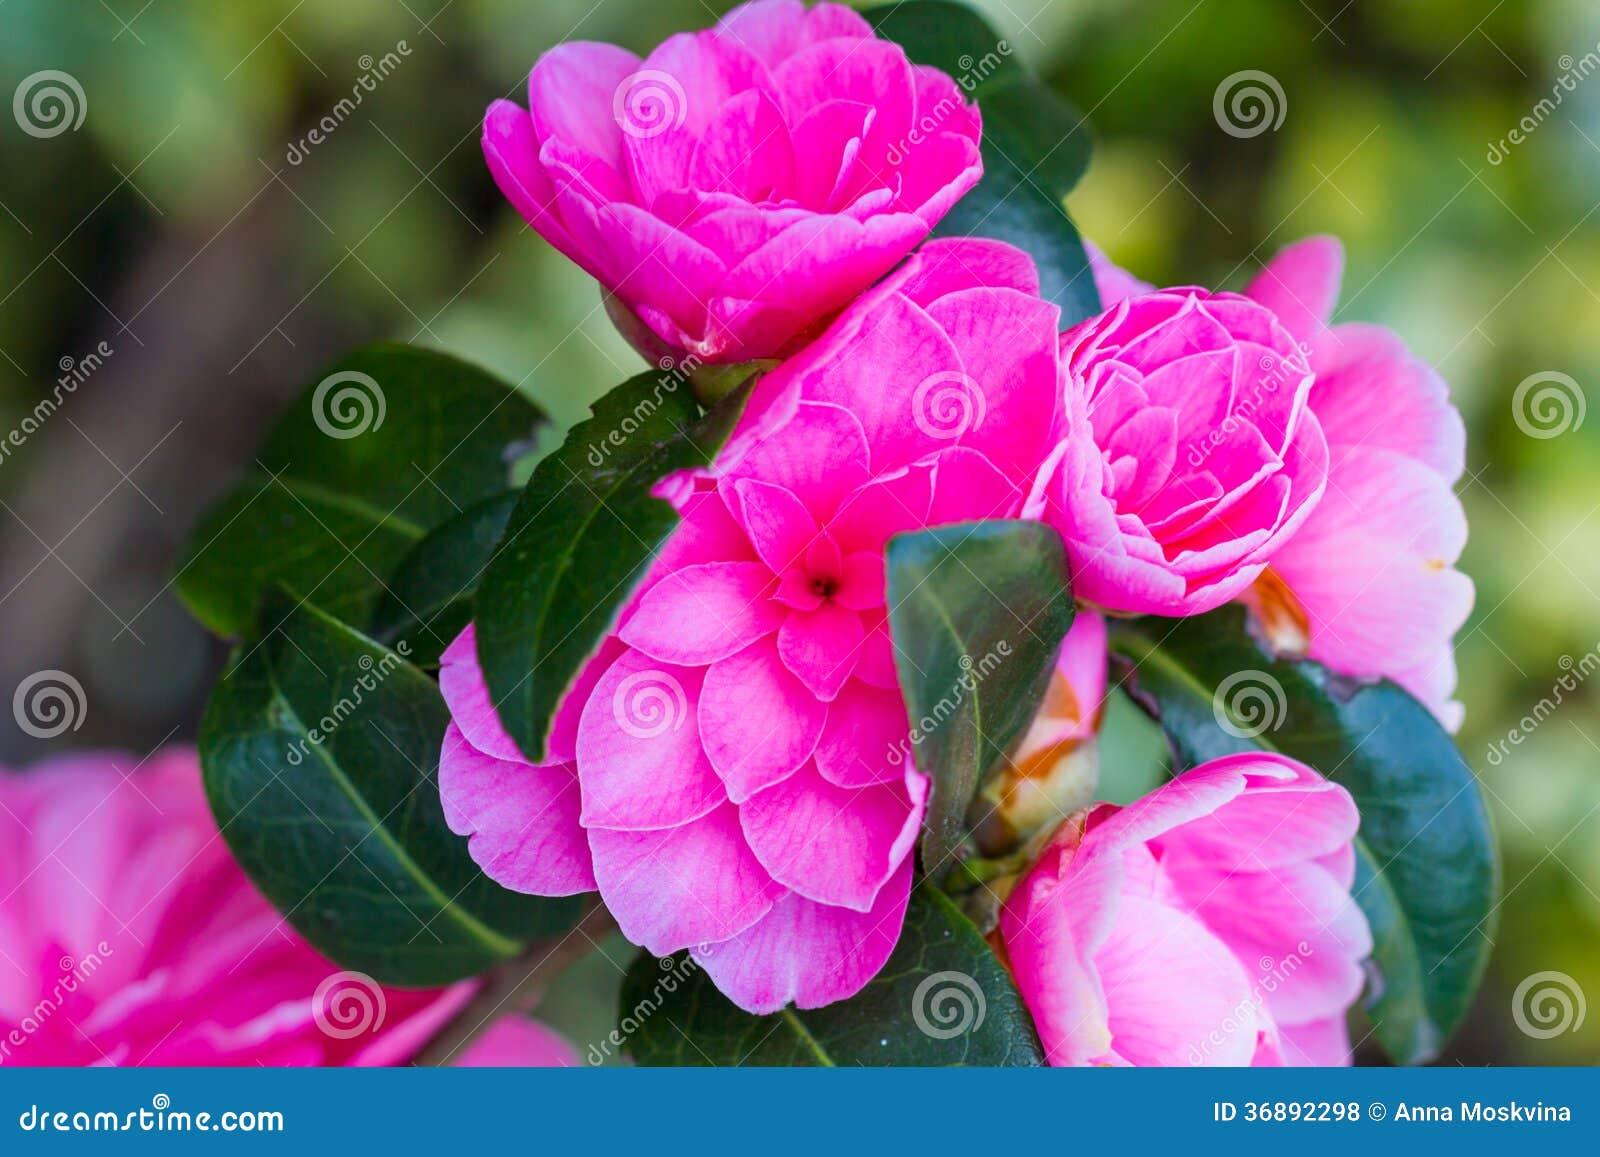 Download Albero del fiore fotografia stock. Immagine di giardinaggio - 36892298